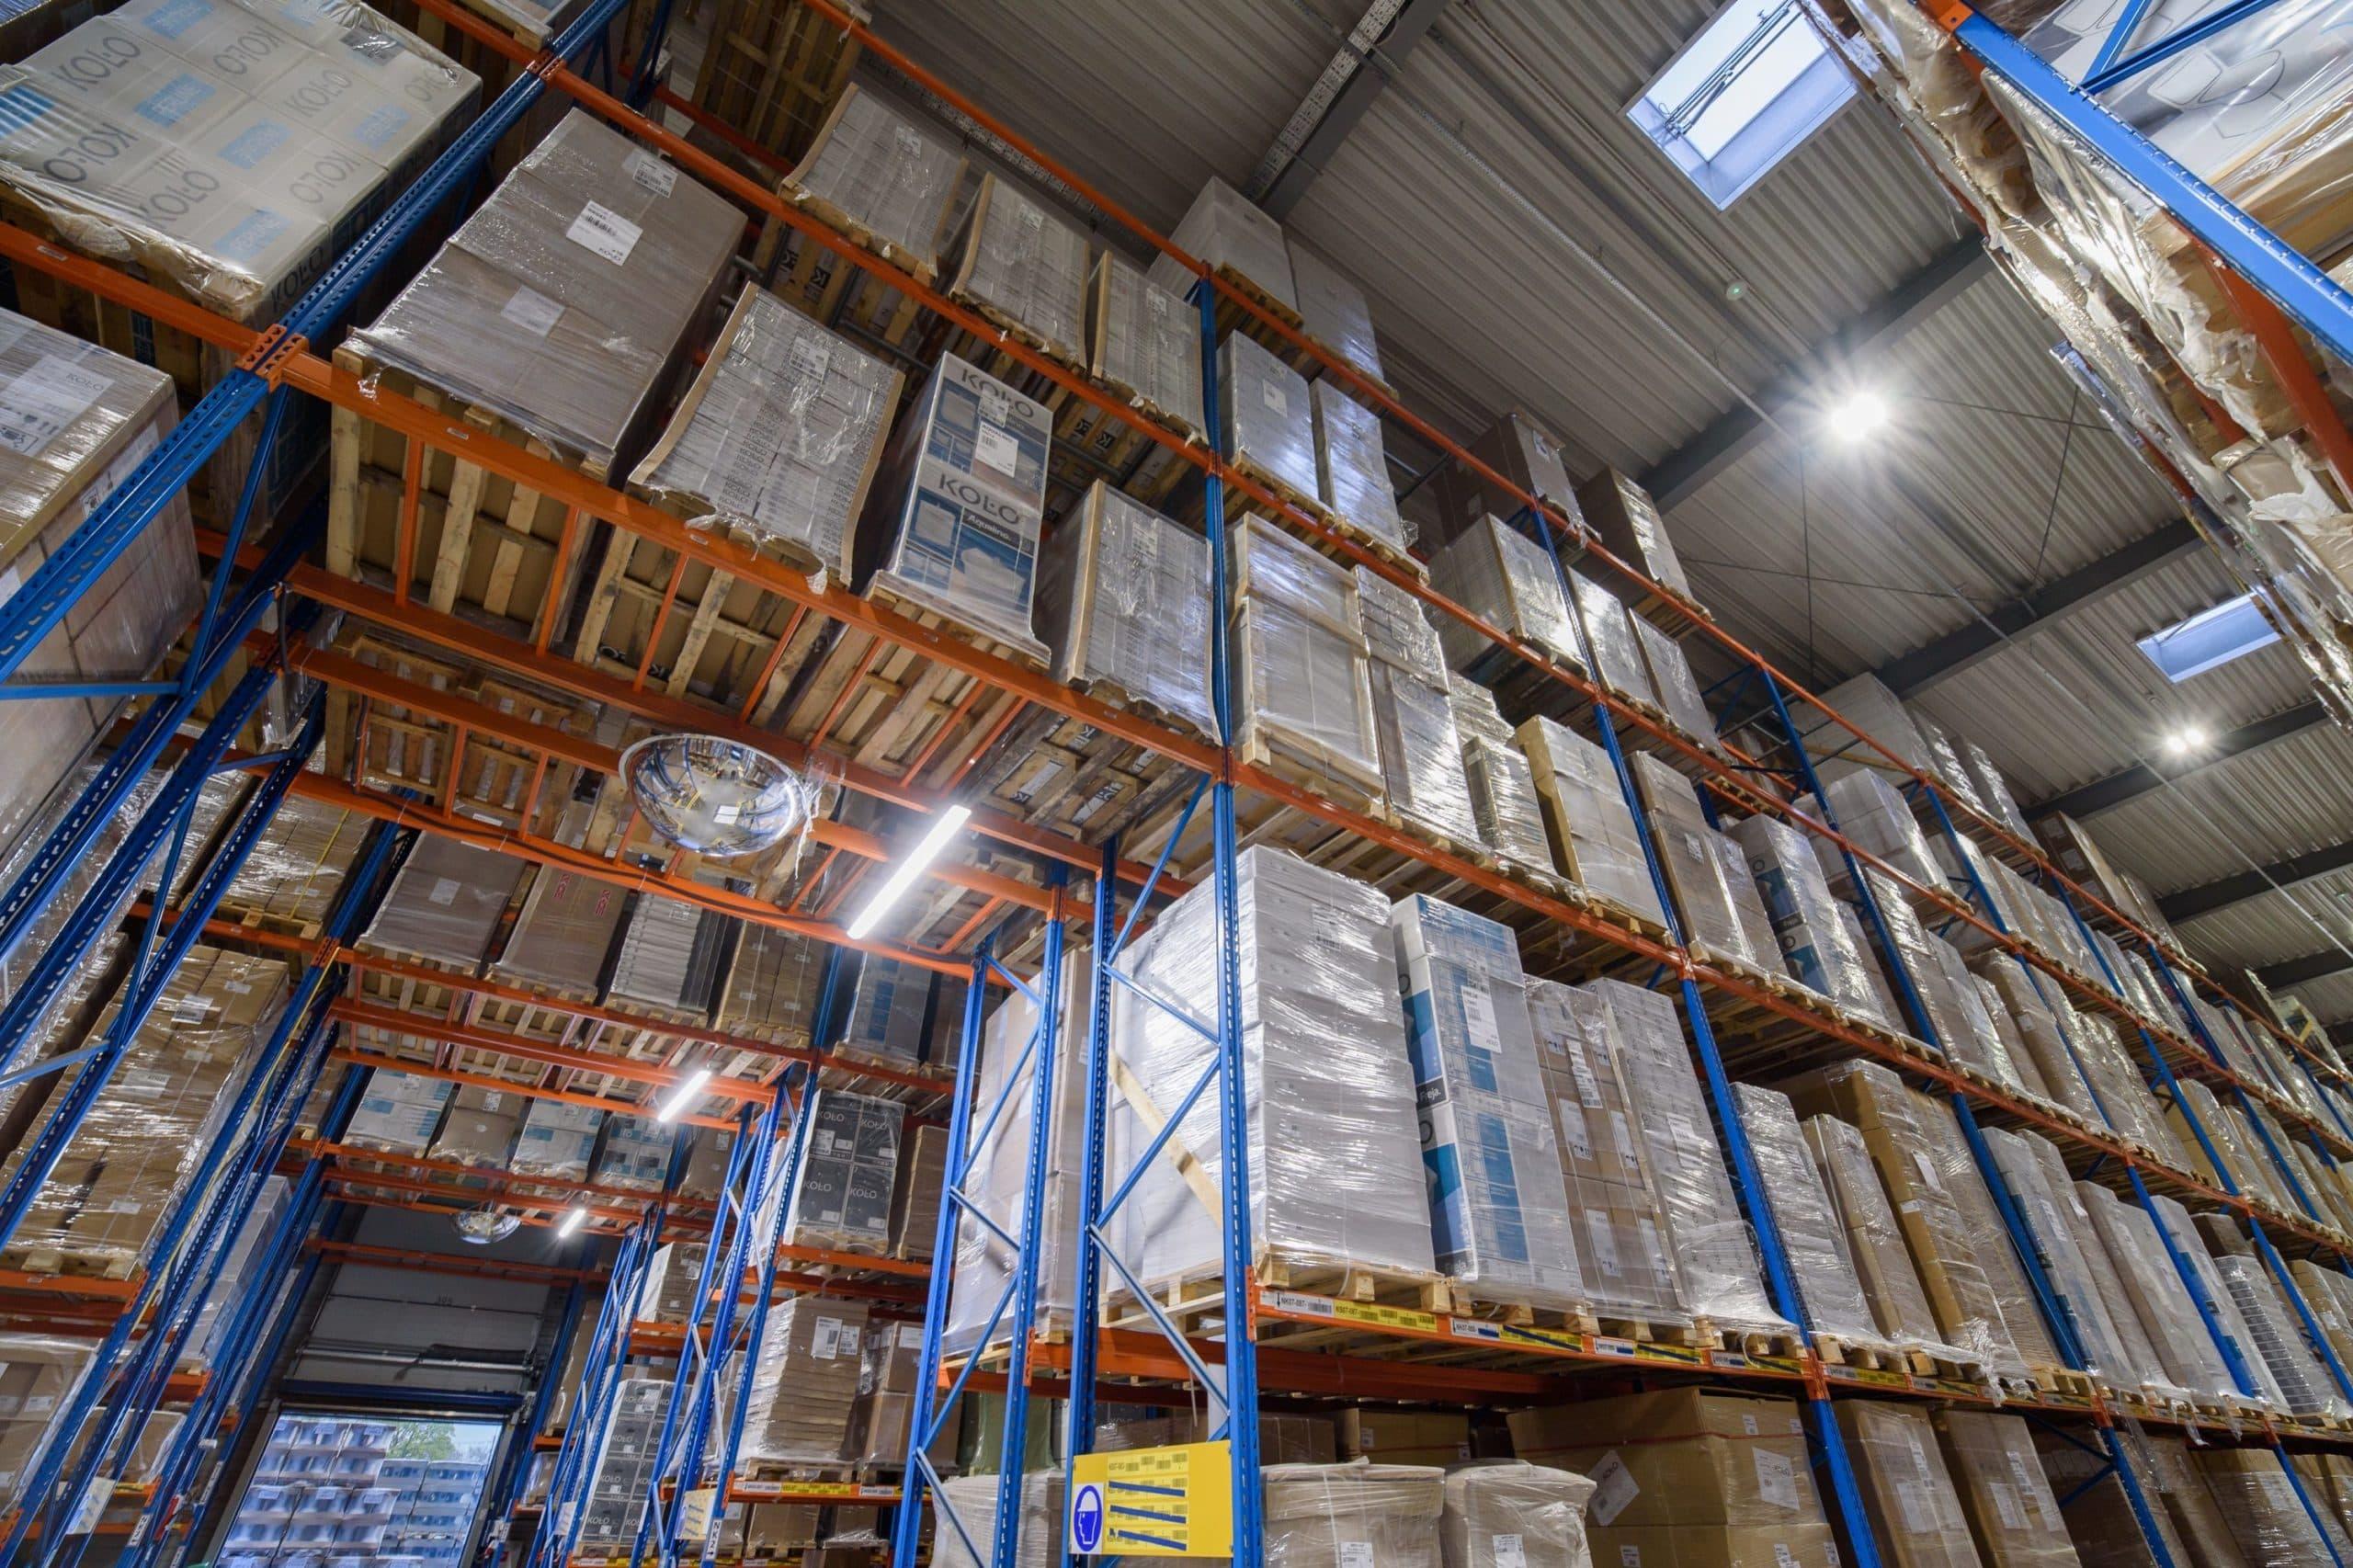 Oświetlenie przemysłowe Highbay w zmodernizowanym magazynie firmy Geberit - Luxon LED